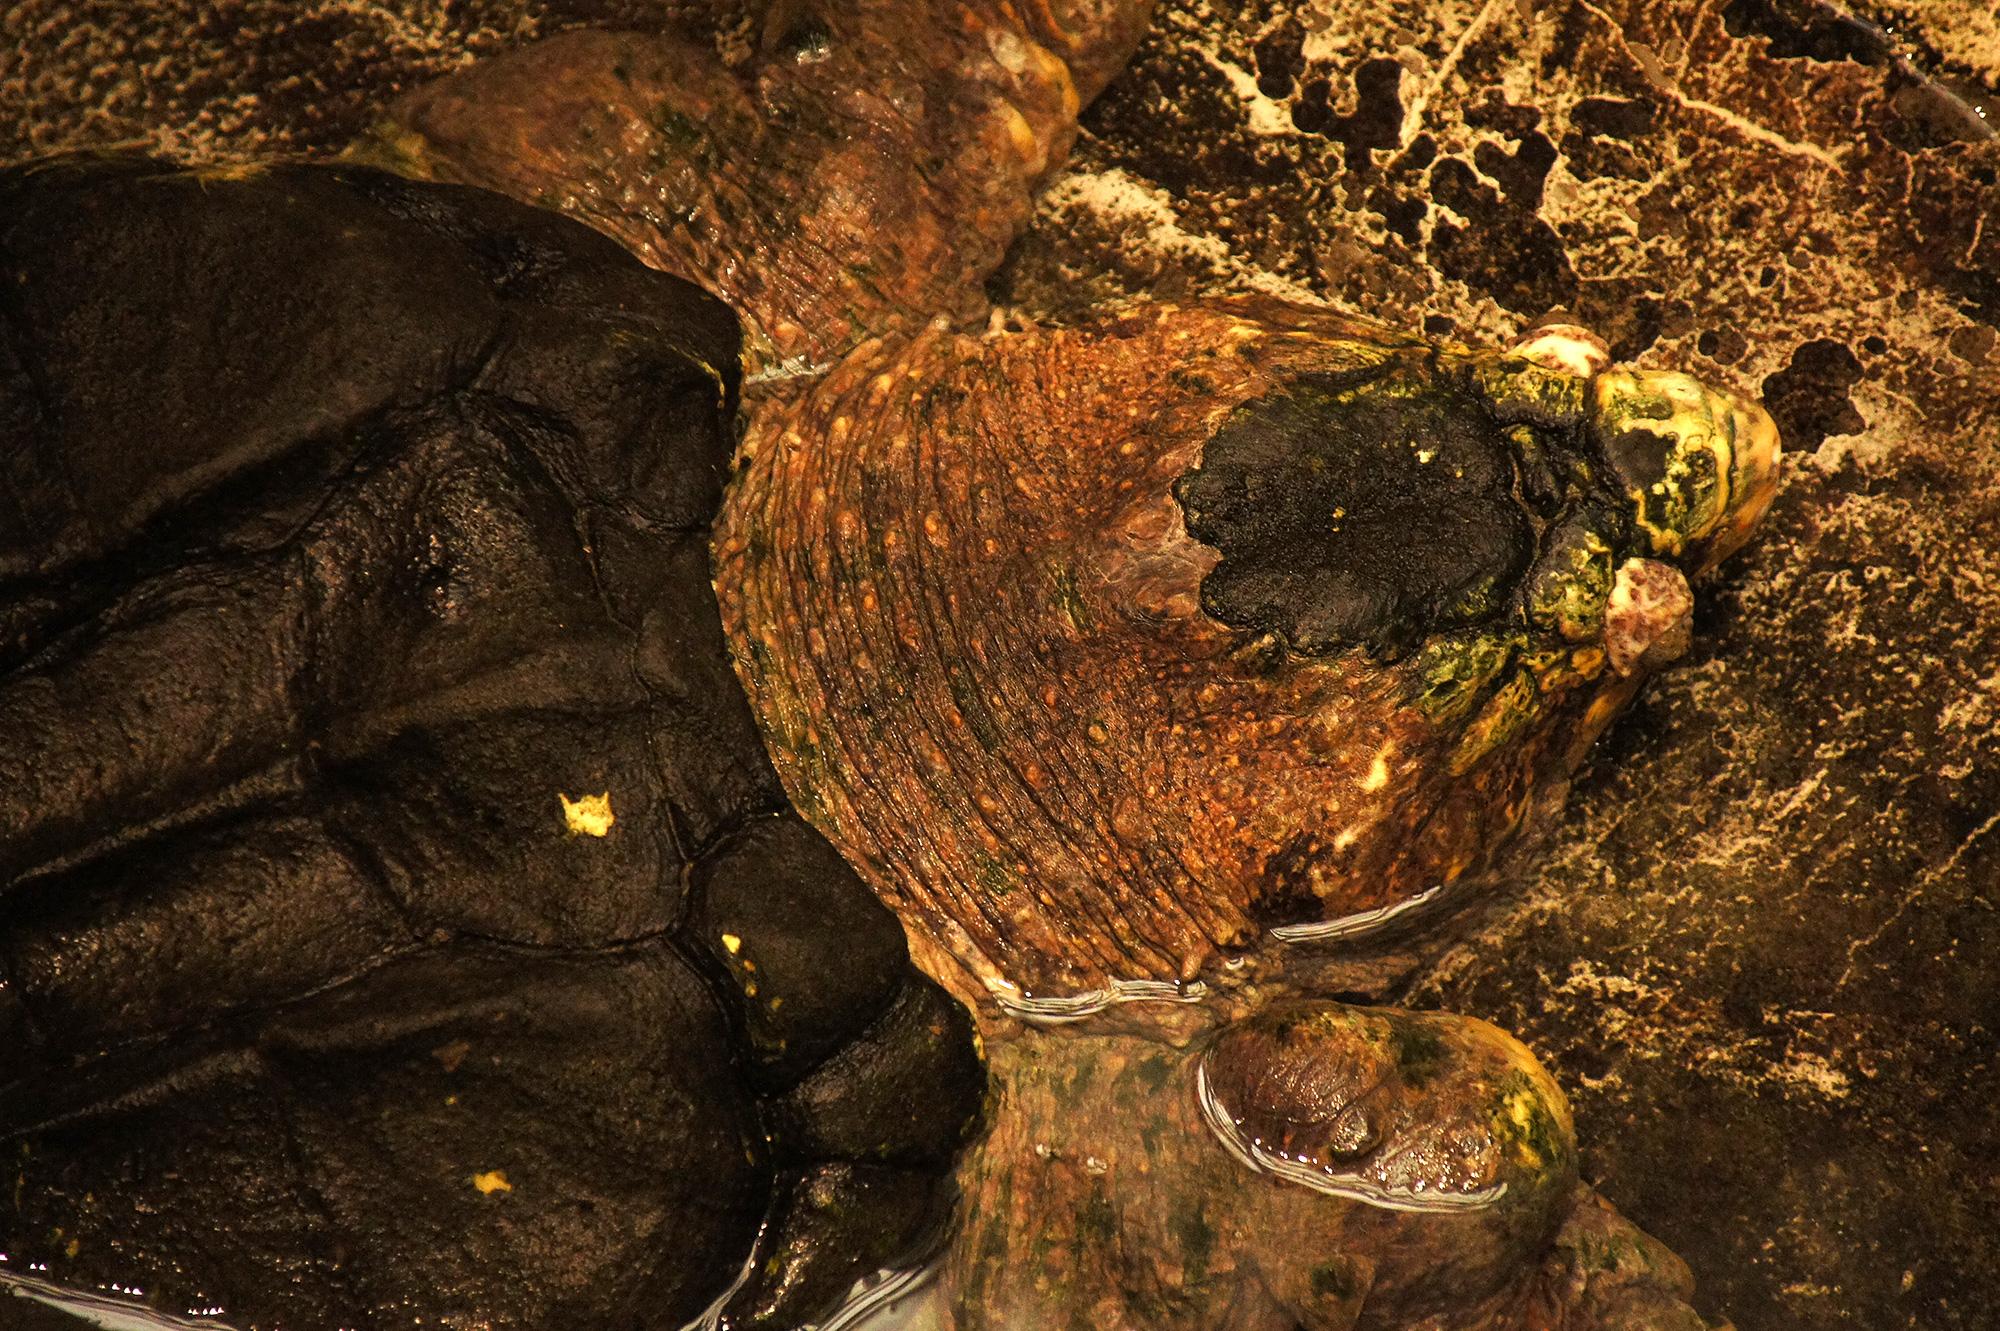 ワニガメの写真のフリー素材